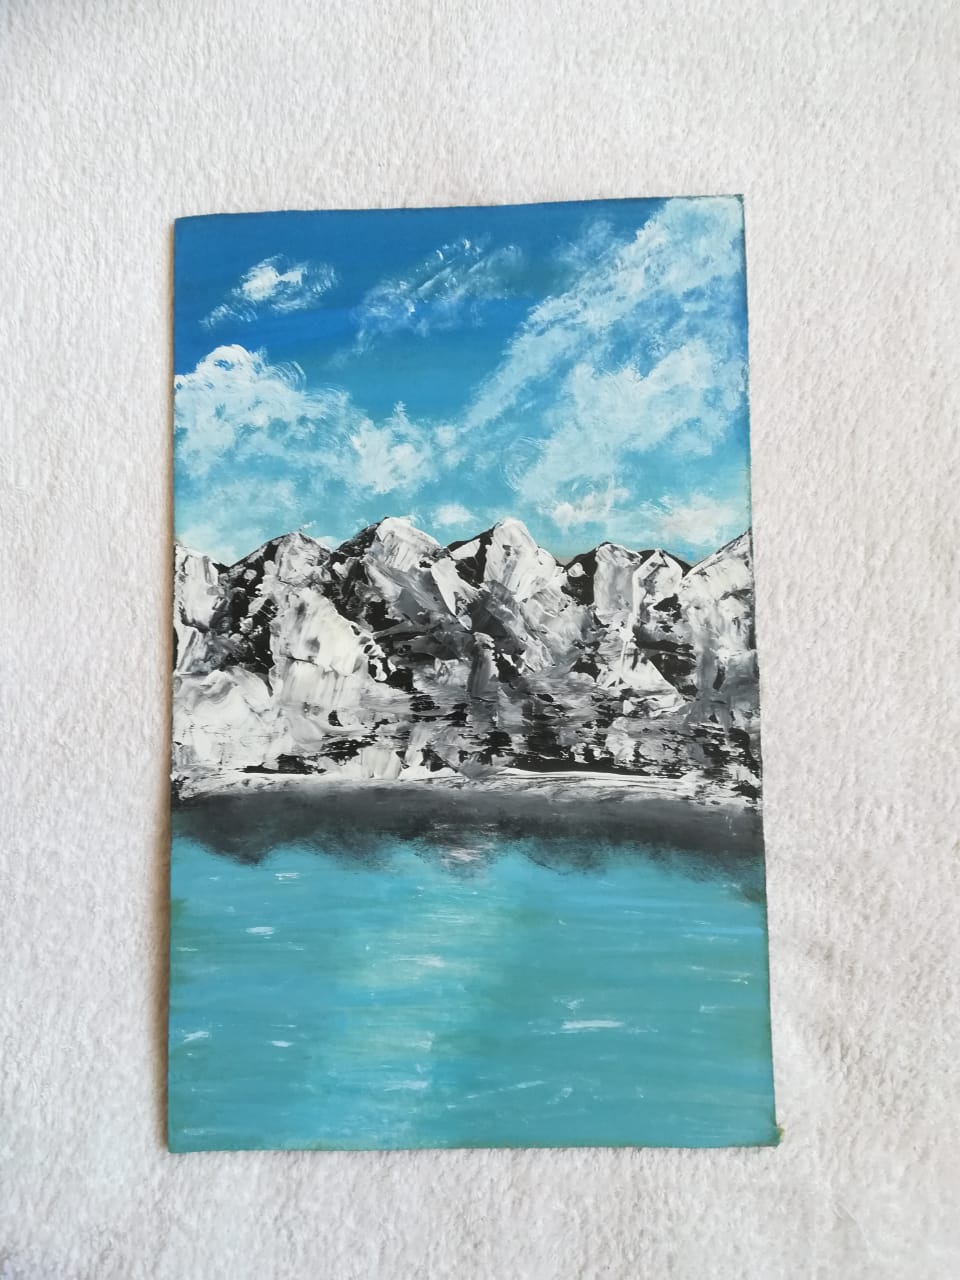 Lilia Korenkova. The mountains